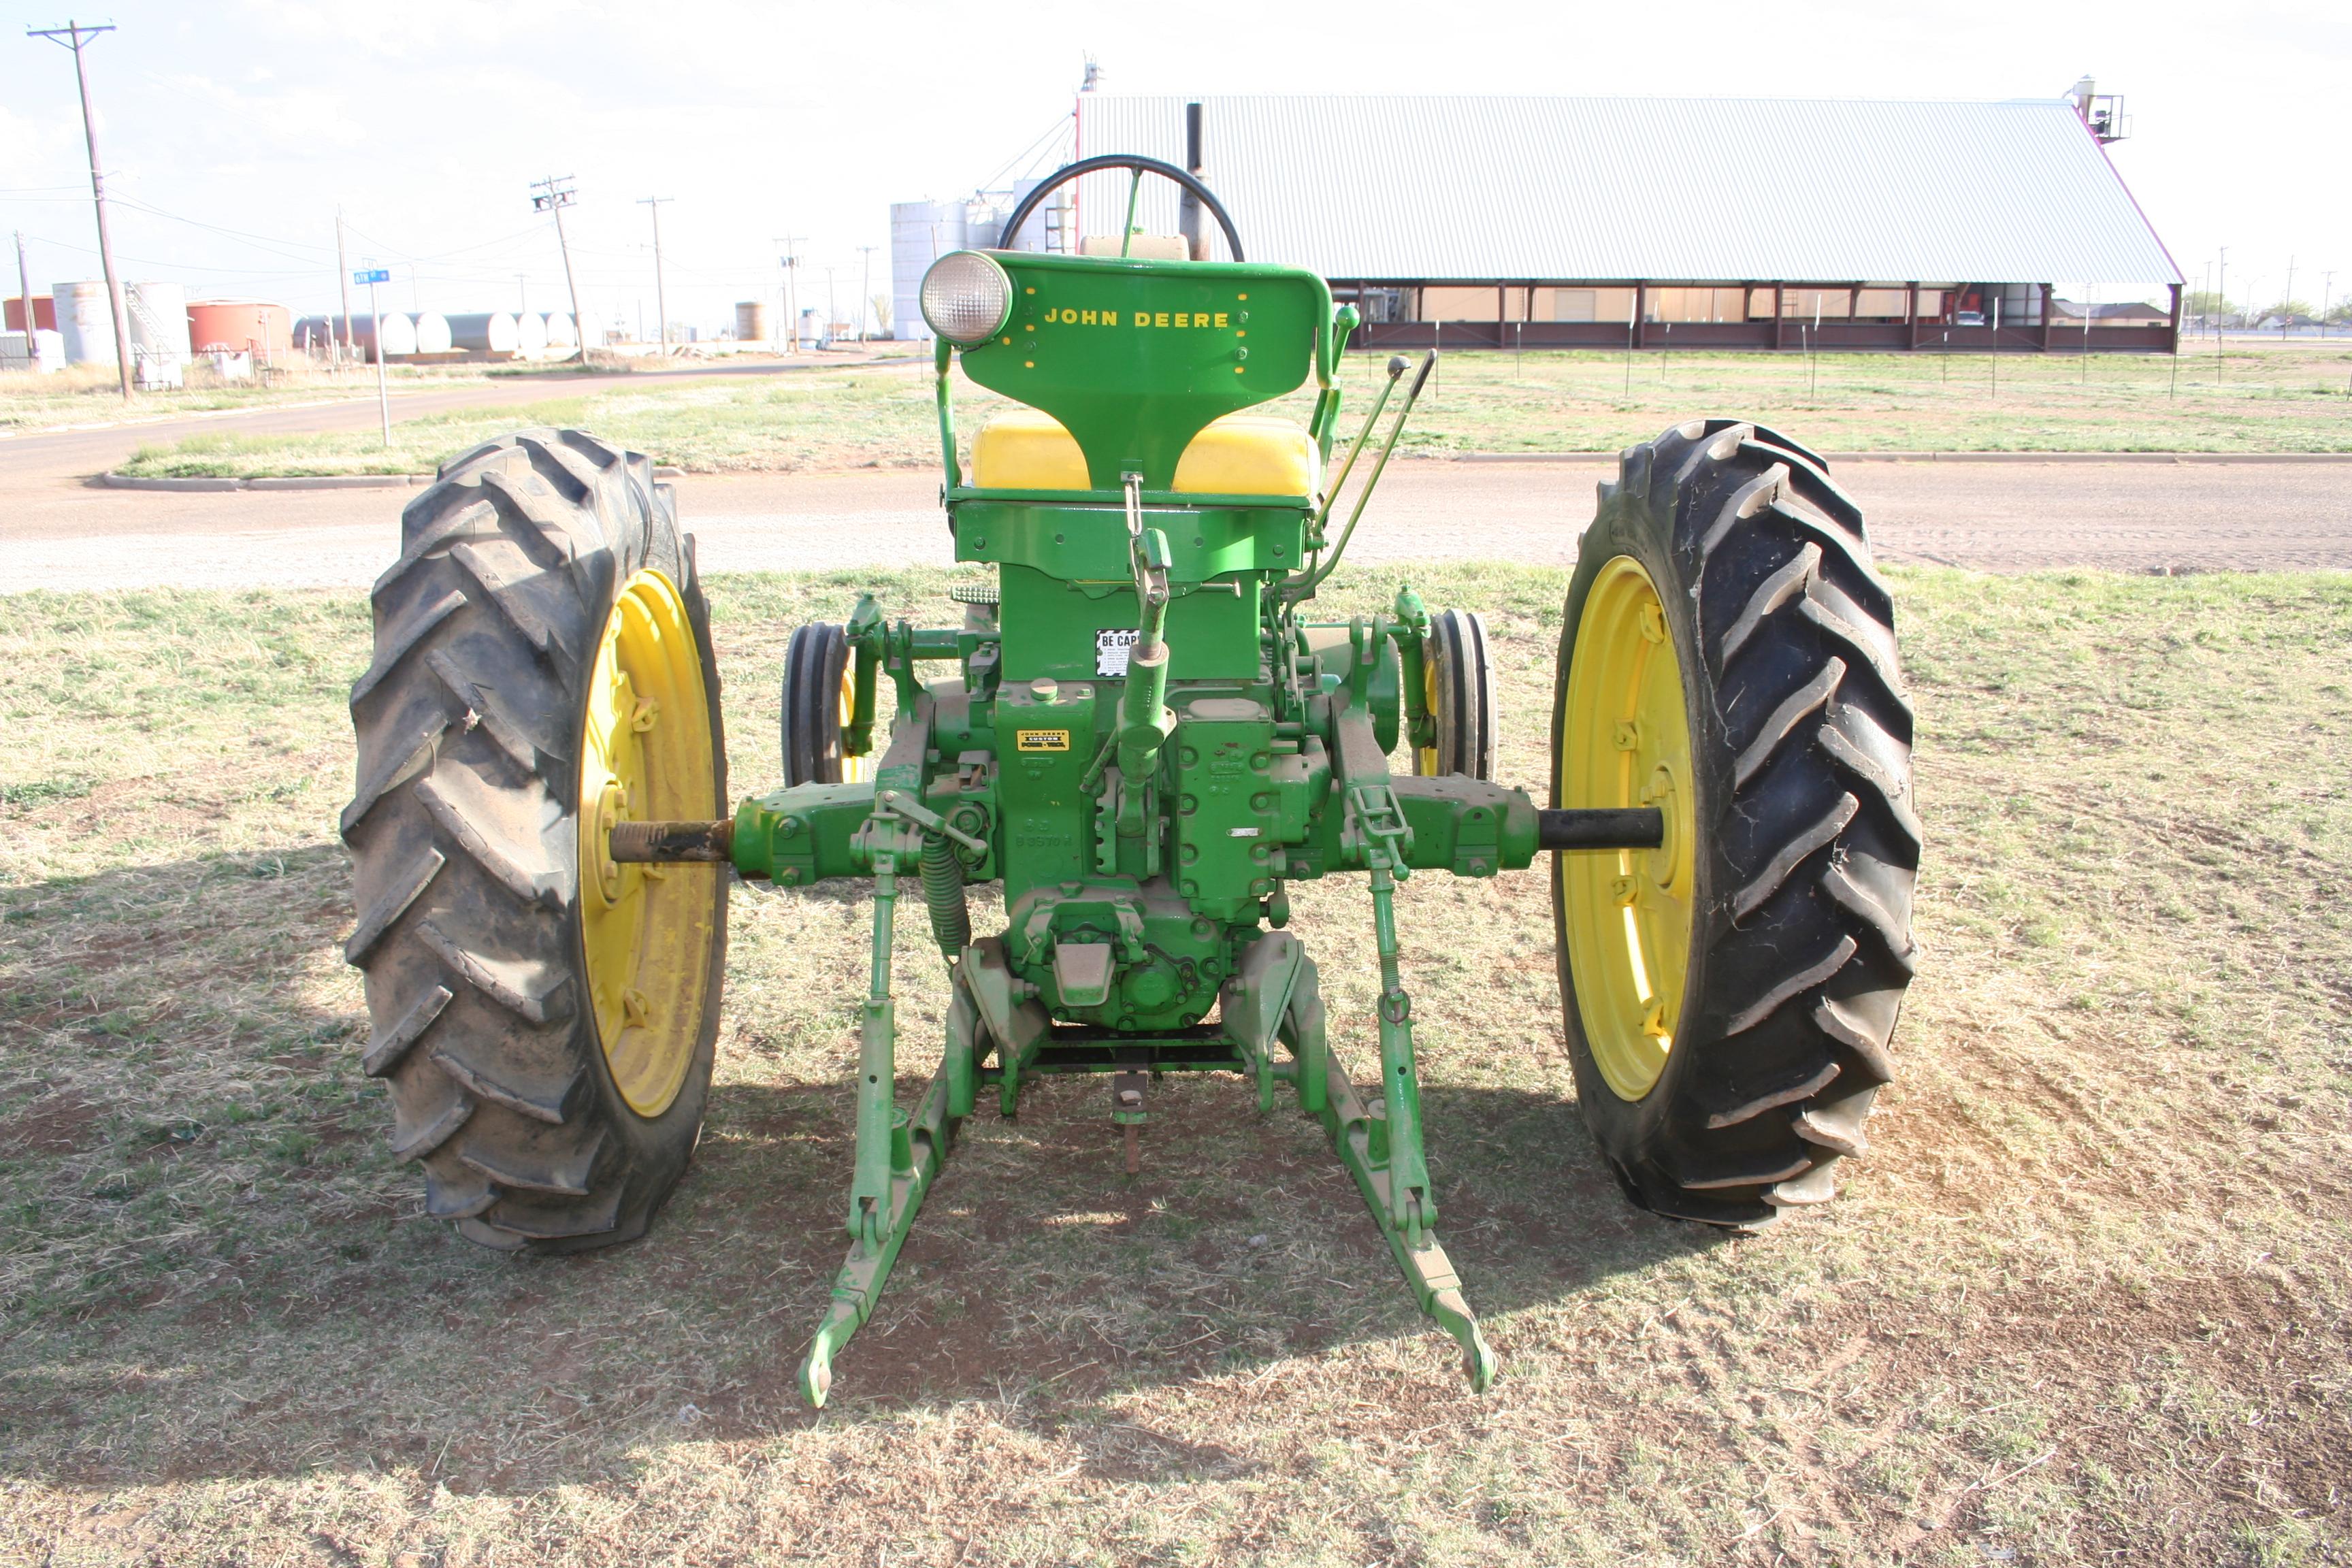 John Deere 520 Tractor Clutch : John deere lp troy s tractors